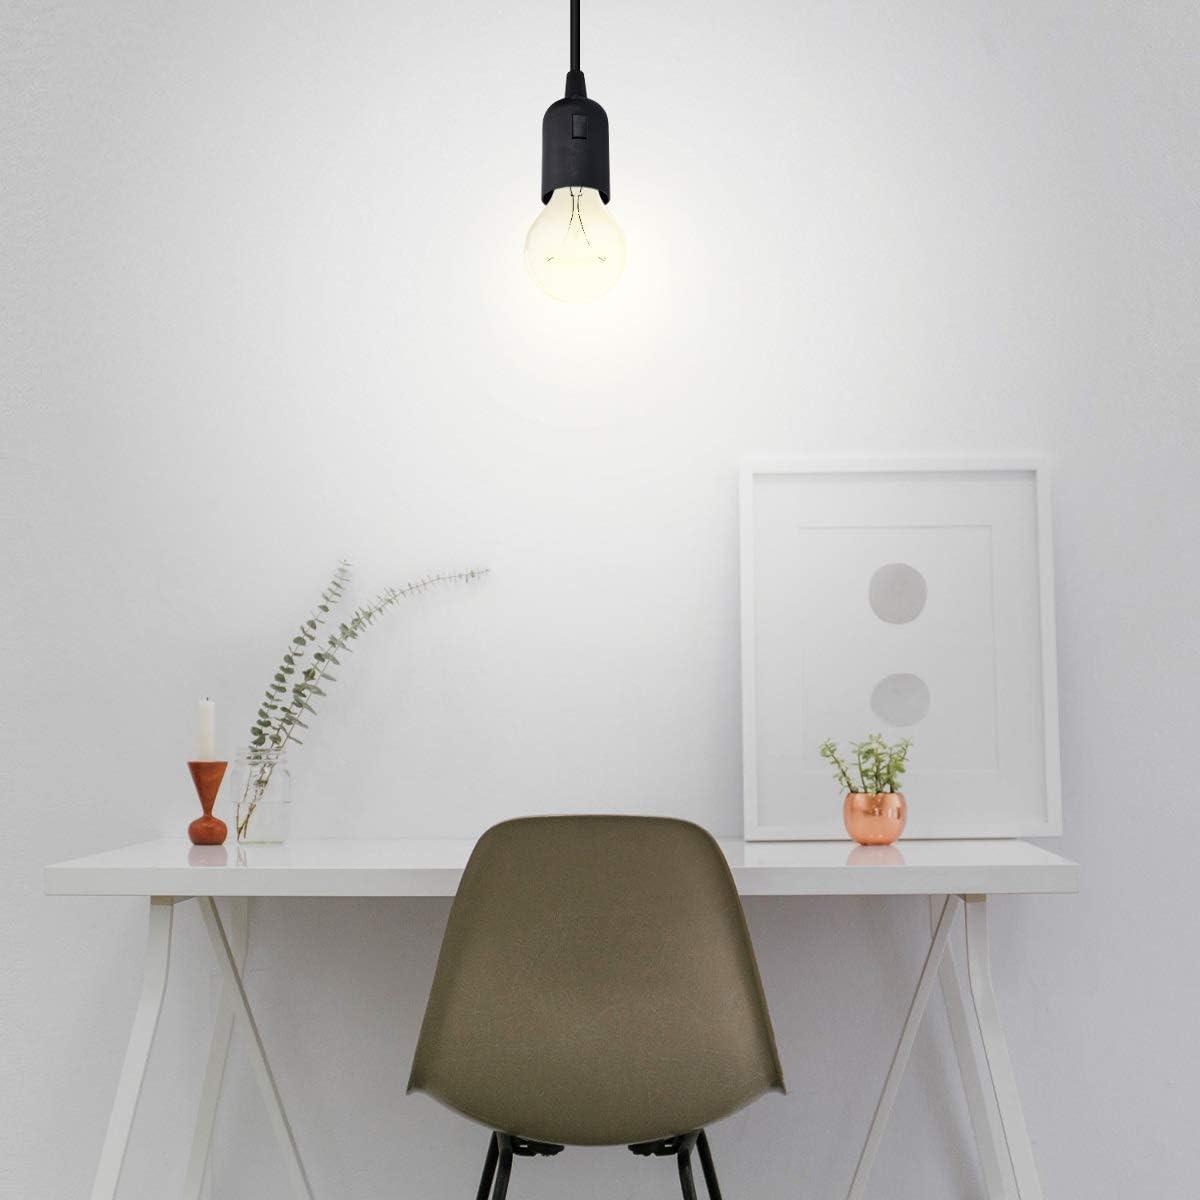 kwmobile Douille E27 avec fil Support de lampe pour ampoule avec cordon alimentation prise /électrique et interrupteur C/âble 3,5m